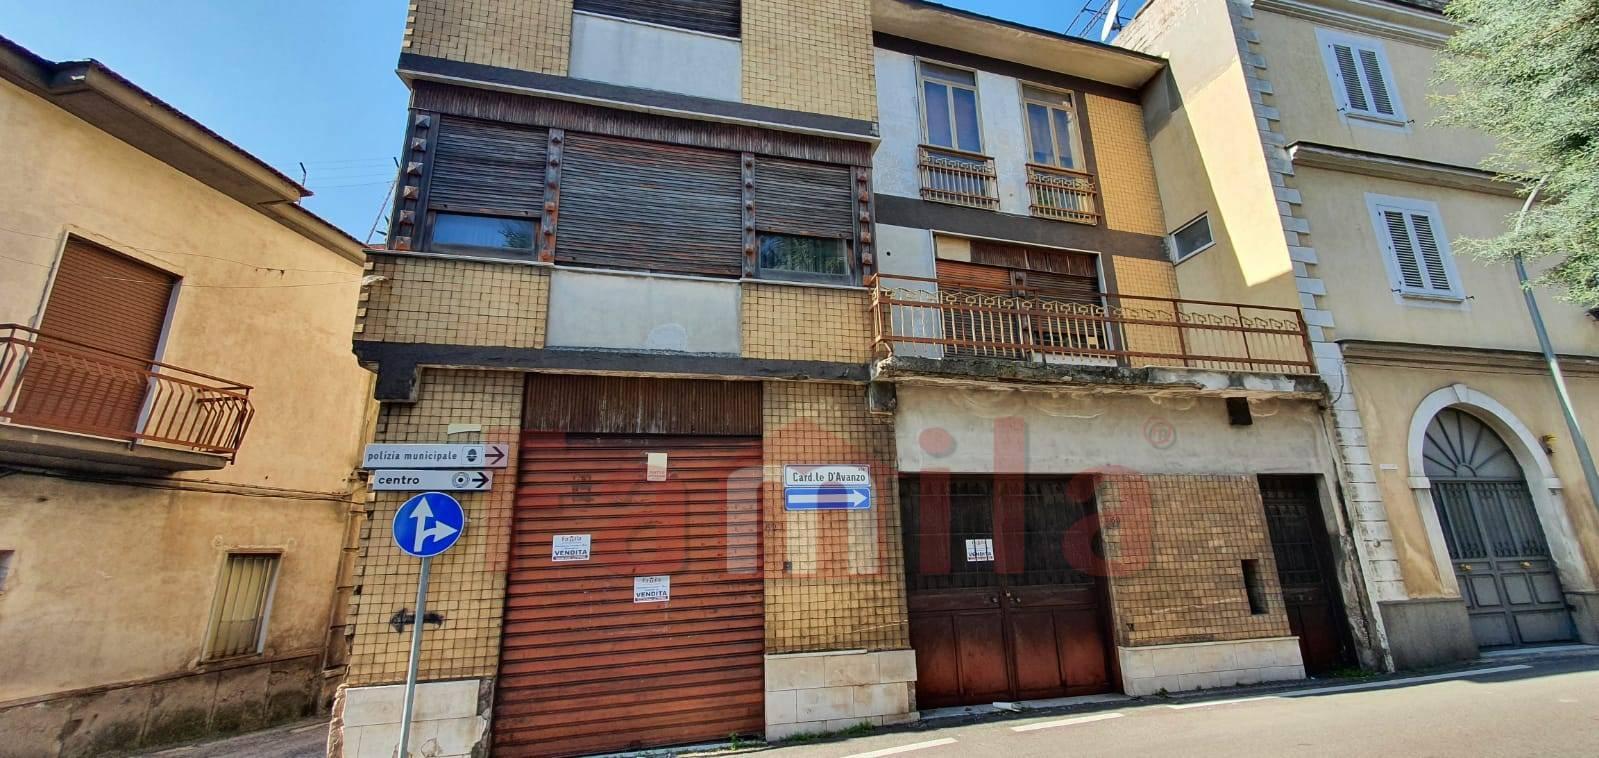 Soluzione Indipendente in vendita a Avella, 7 locali, prezzo € 168.000   CambioCasa.it